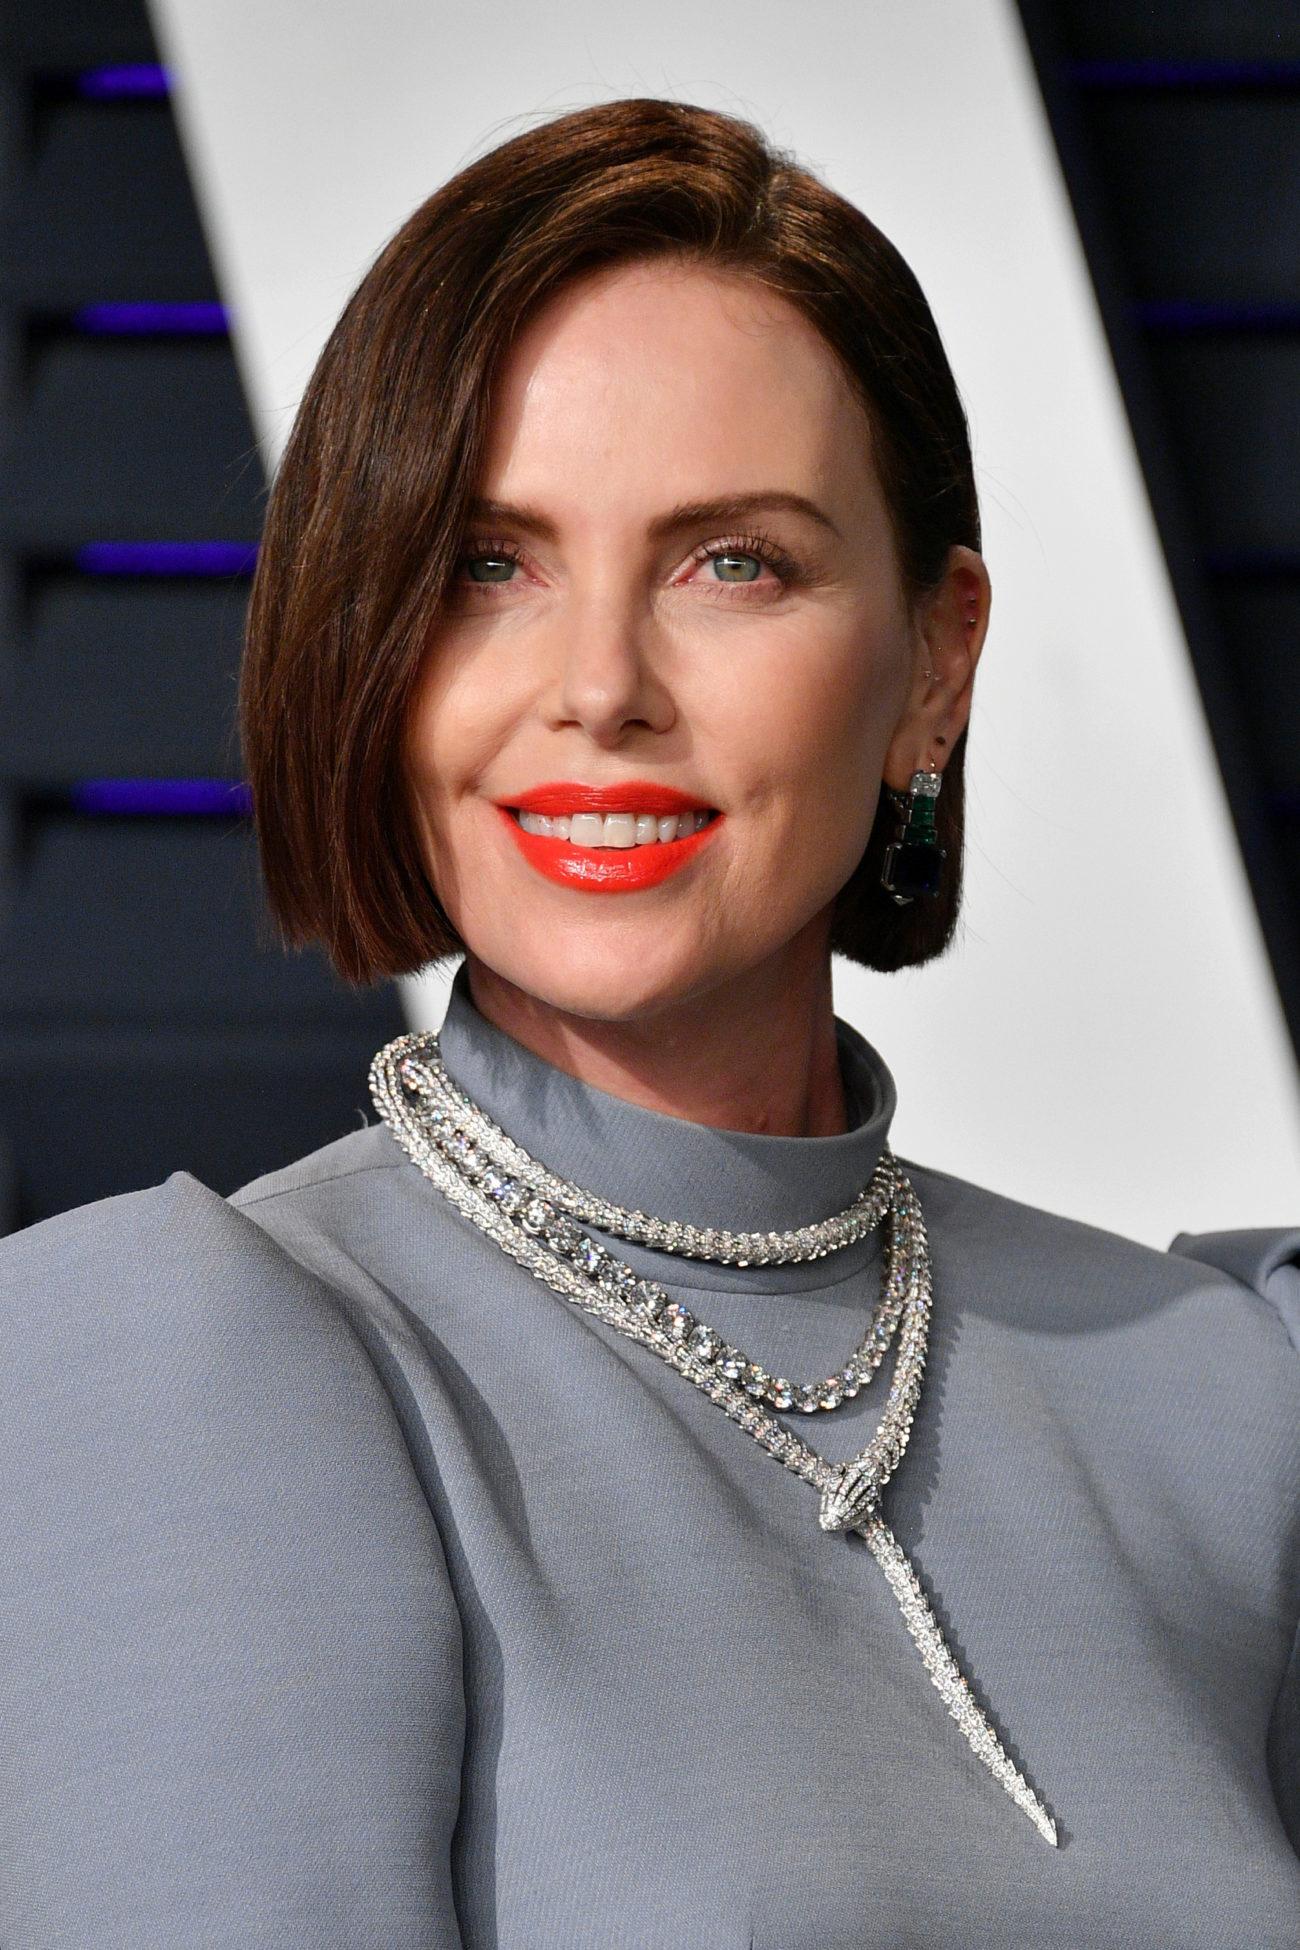 143590ad3752 El collar de Audrey Hepburn que lució Lady Gaga y las otras joyas de ...